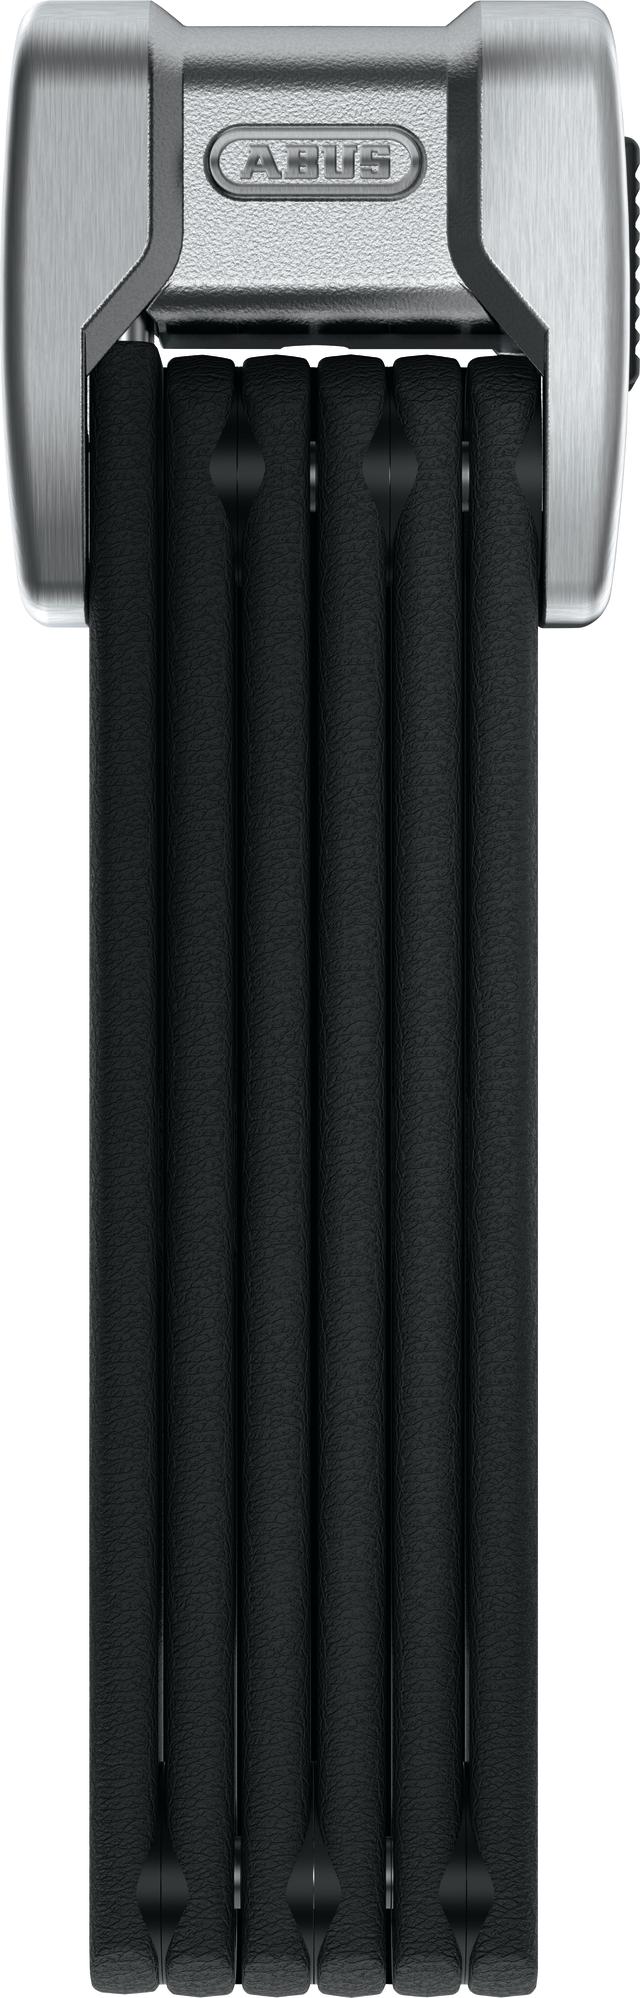 Folding Lock 6010/90 BORDO CENTIUM